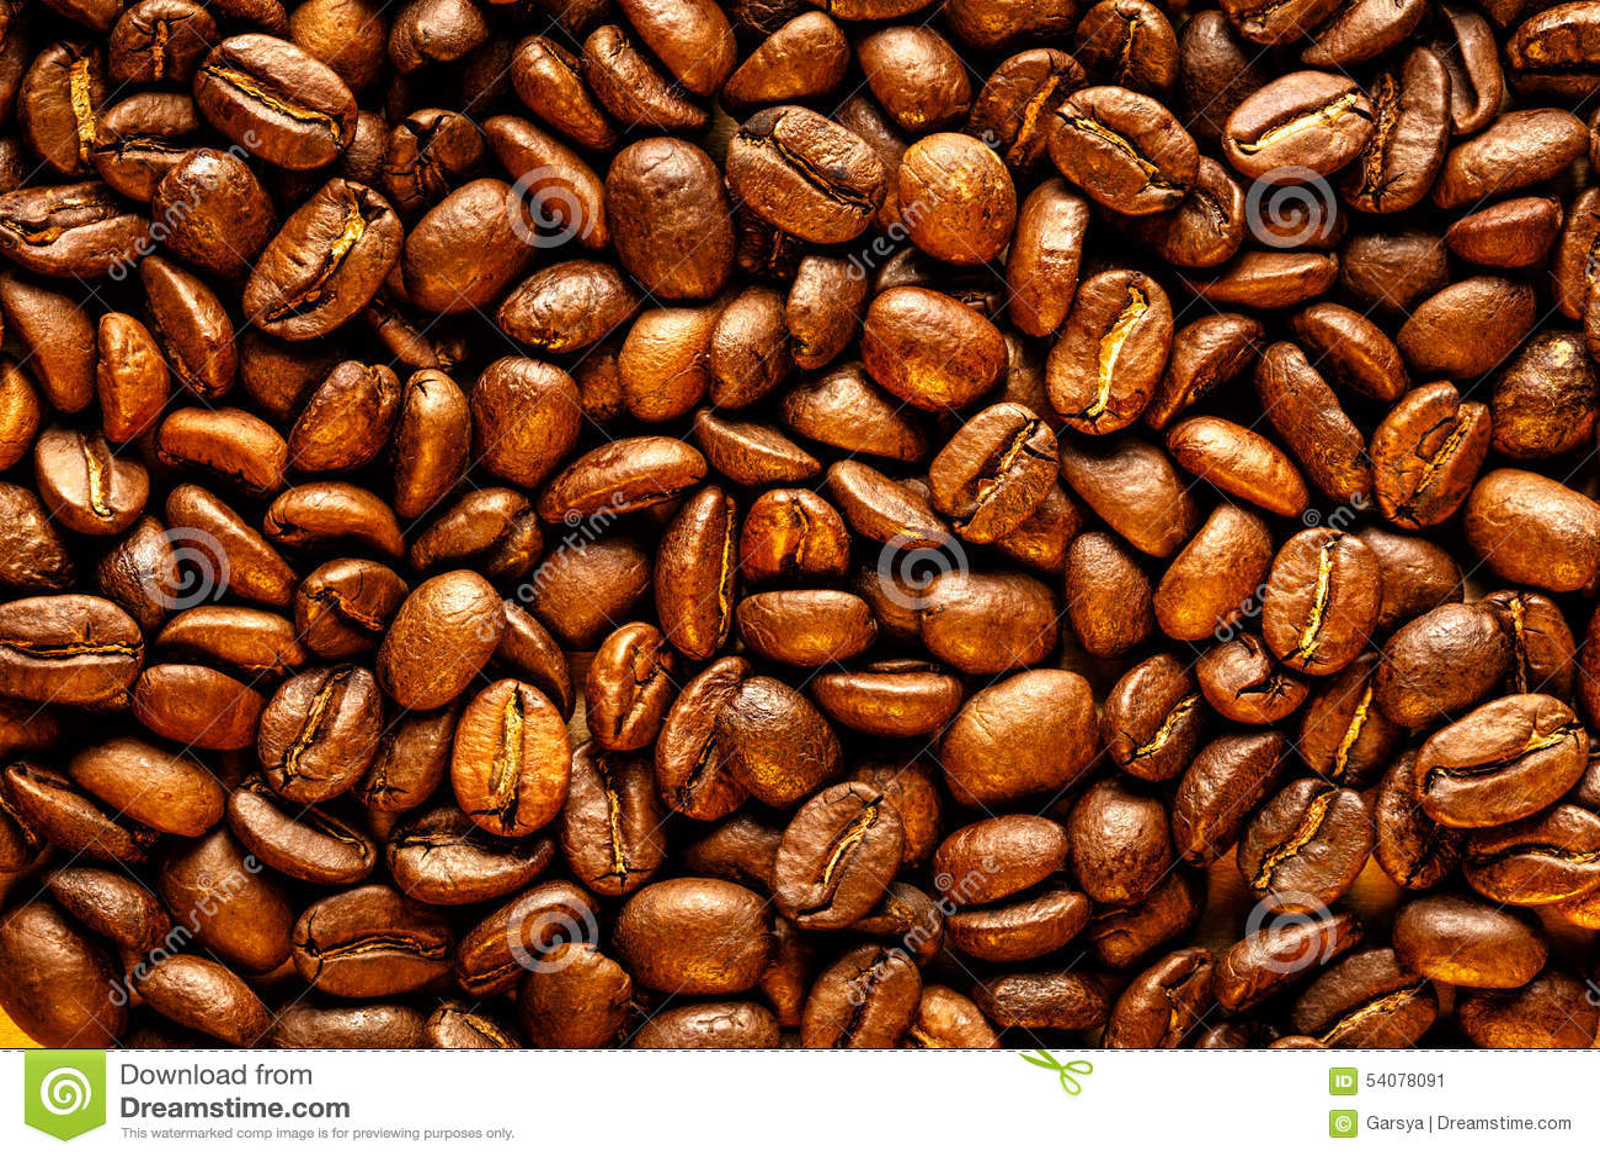 Bruine koffiebonen als achtergrond